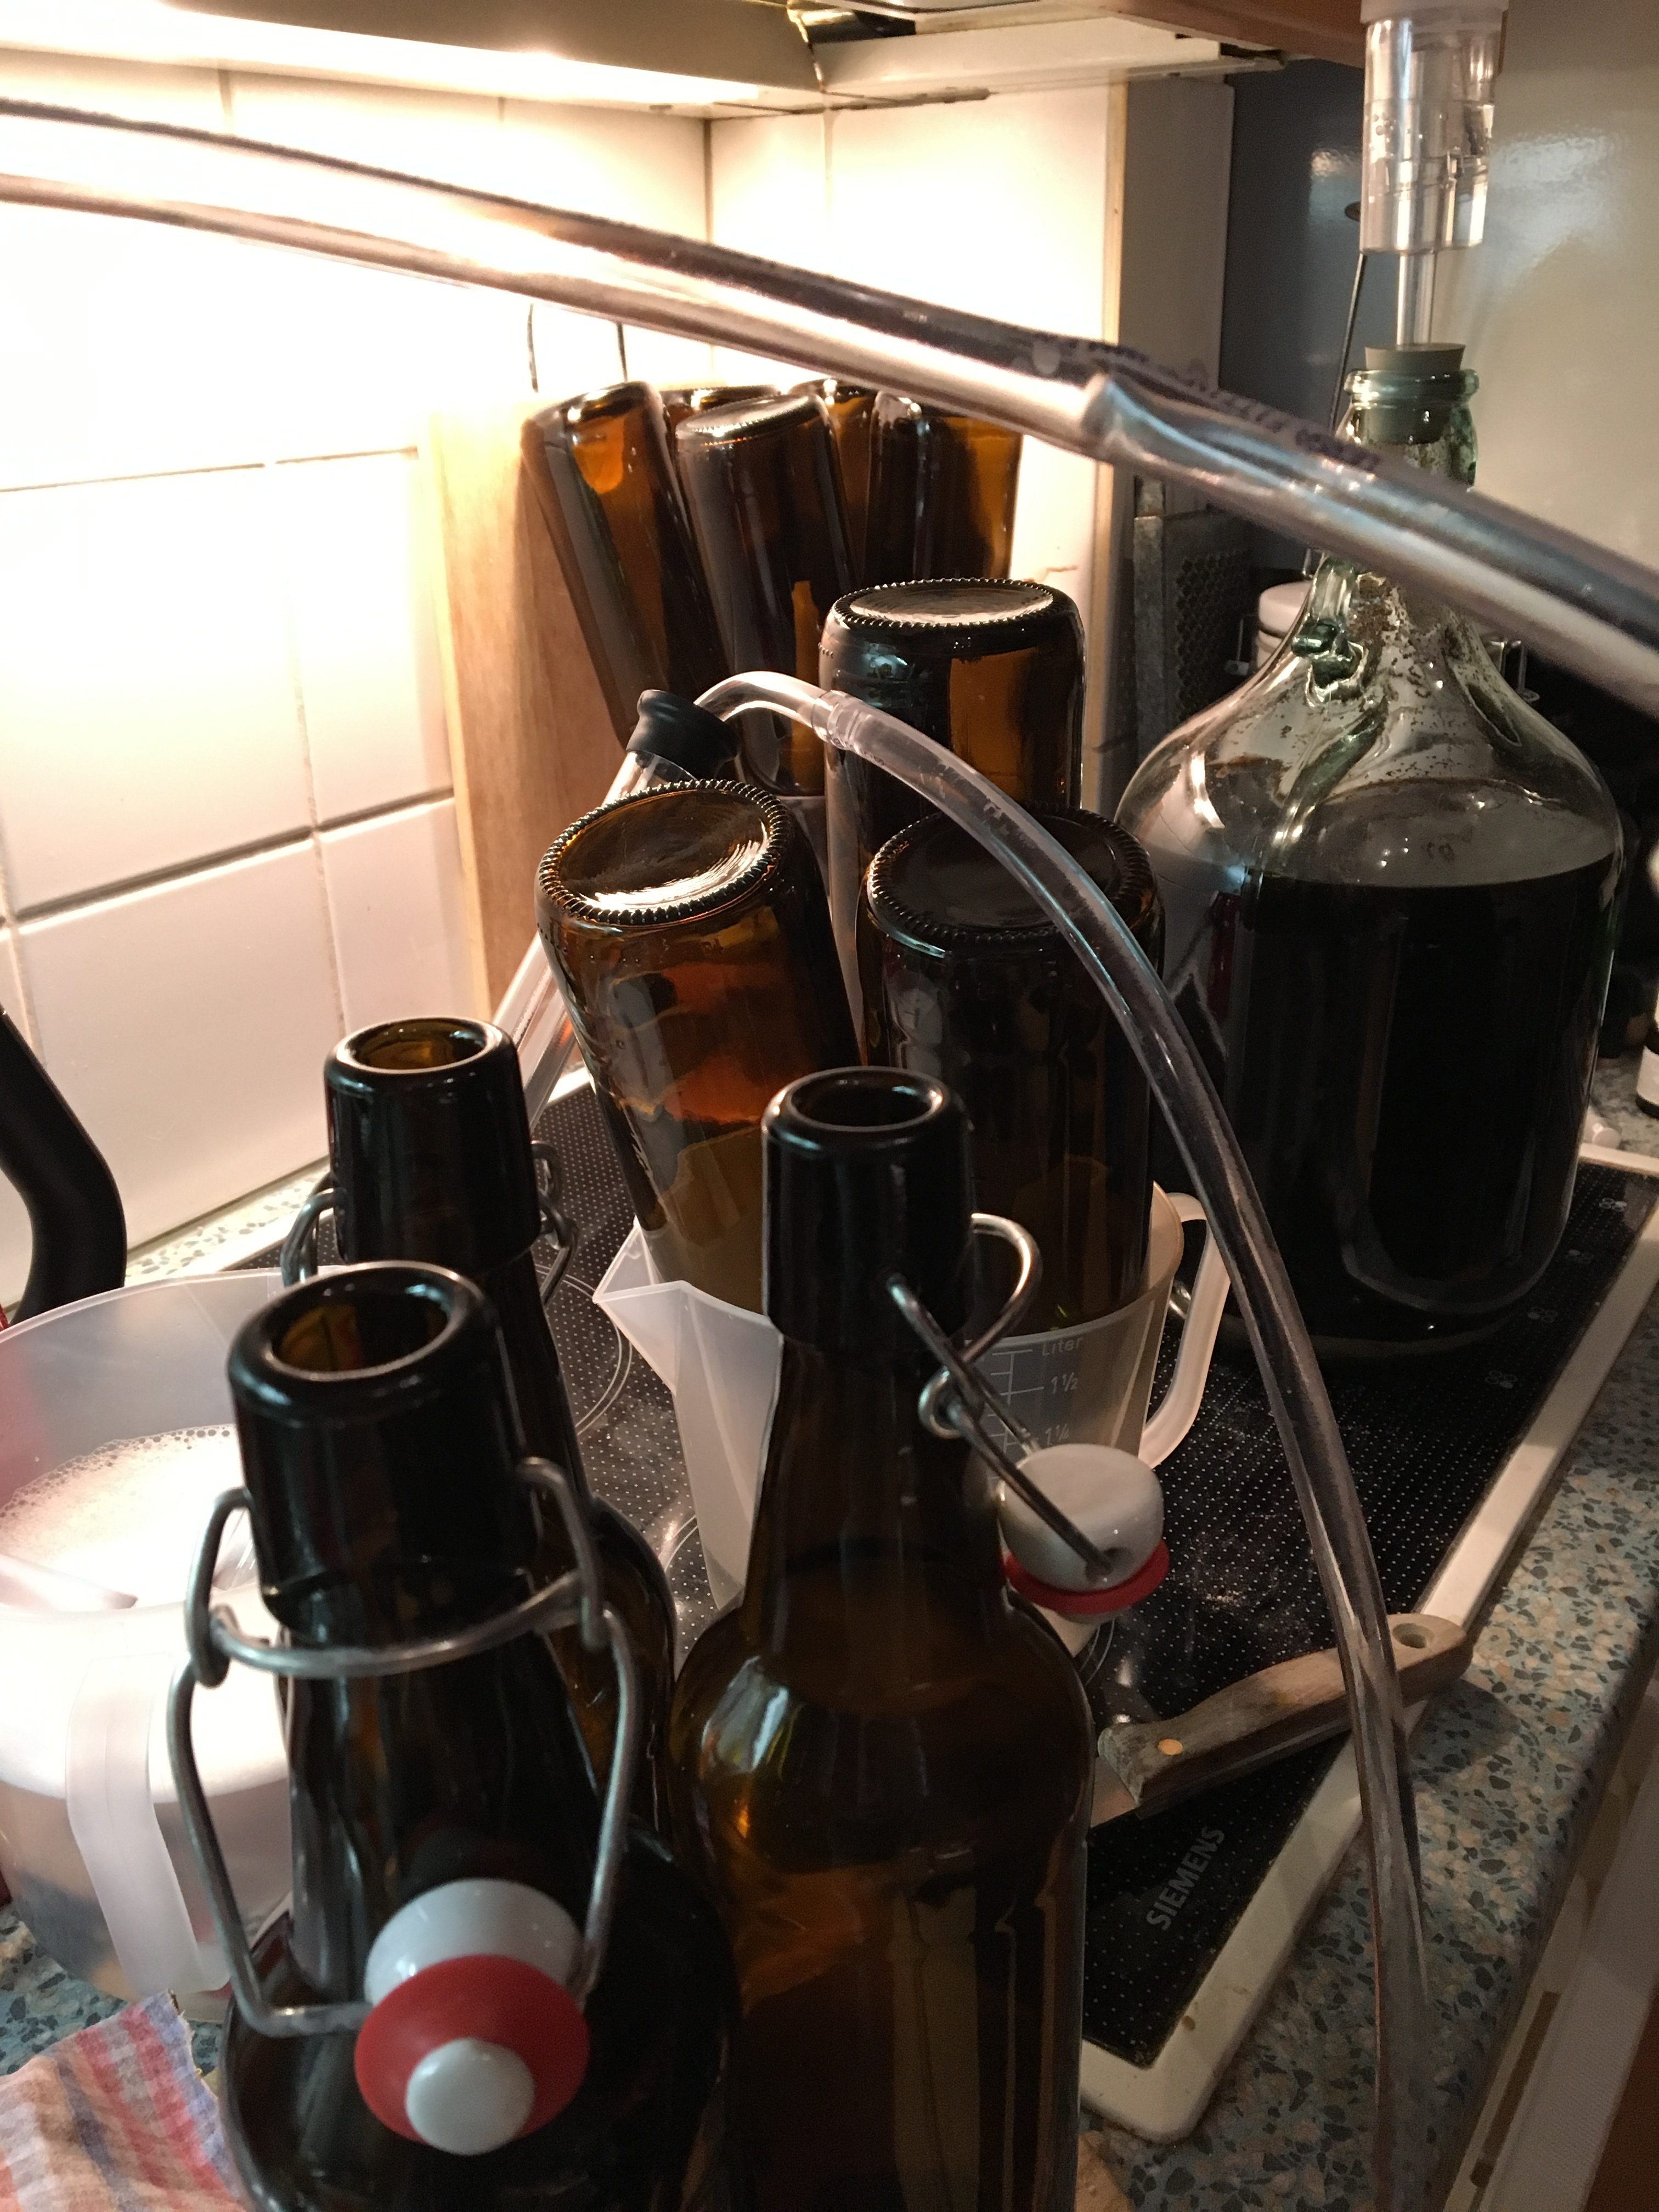 Flaschen und Schlauch - jetzt wird abgefüllt